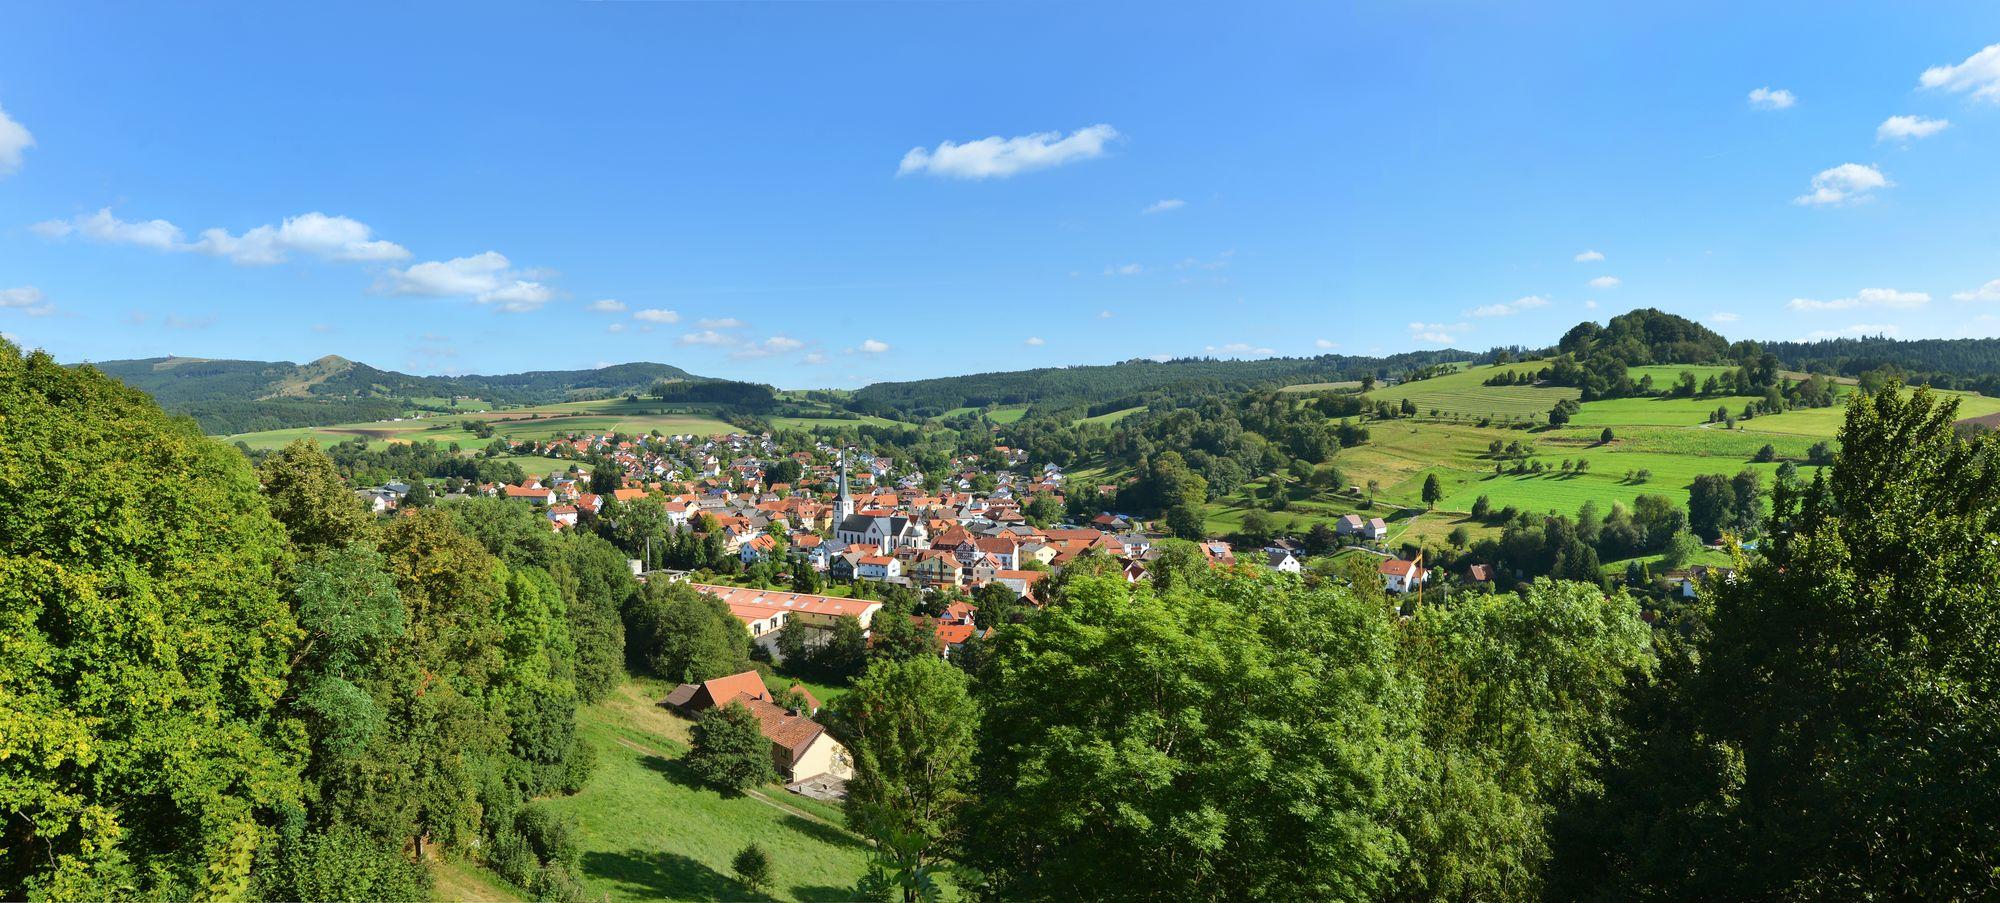 Poppenhausen Weitblick